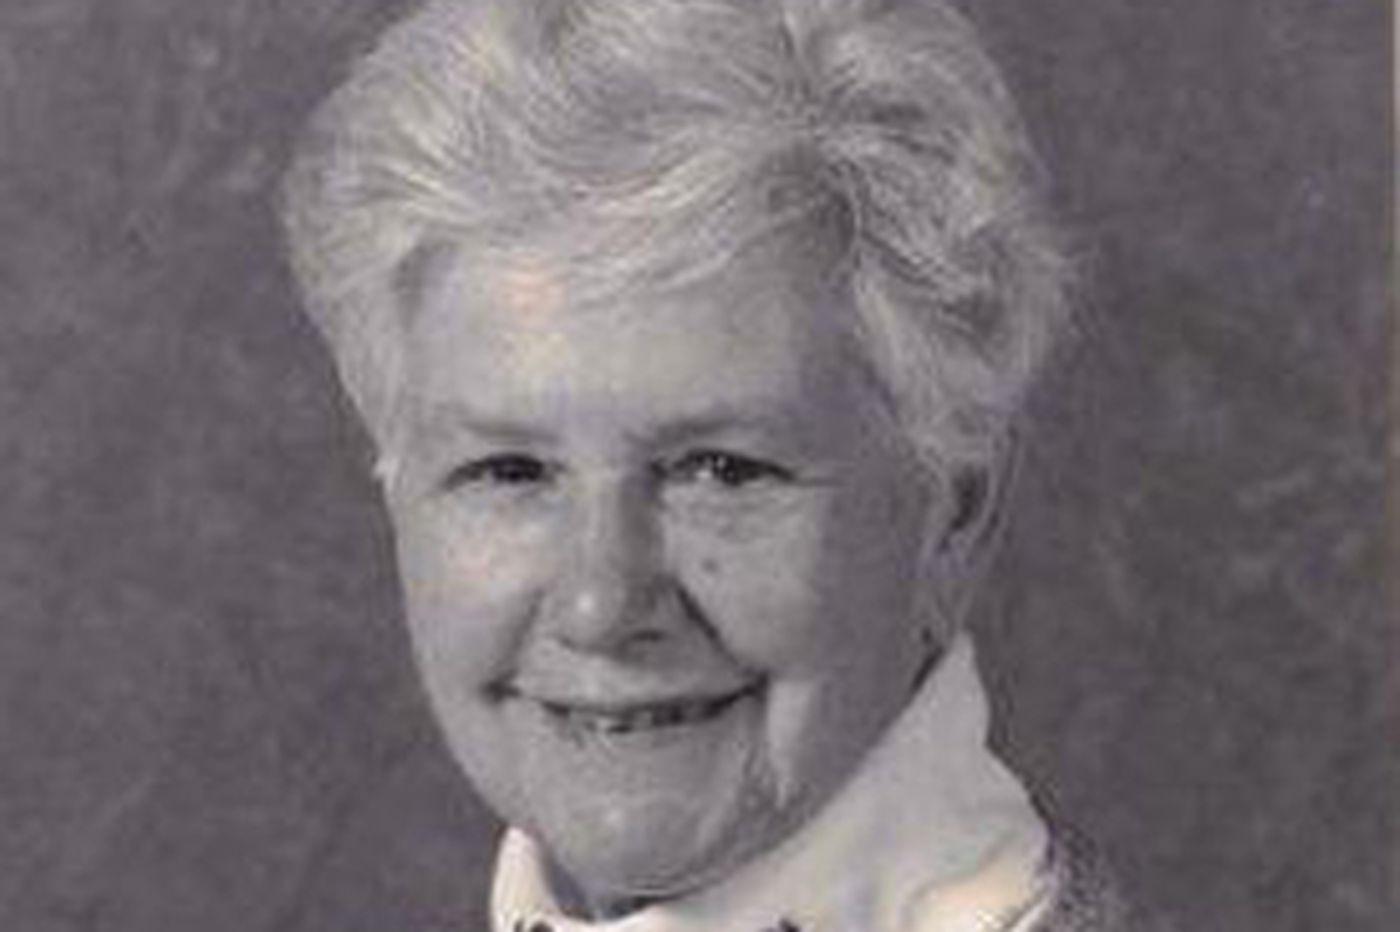 Eleanor Kay 'Pete' Hess, 87, longtime coach